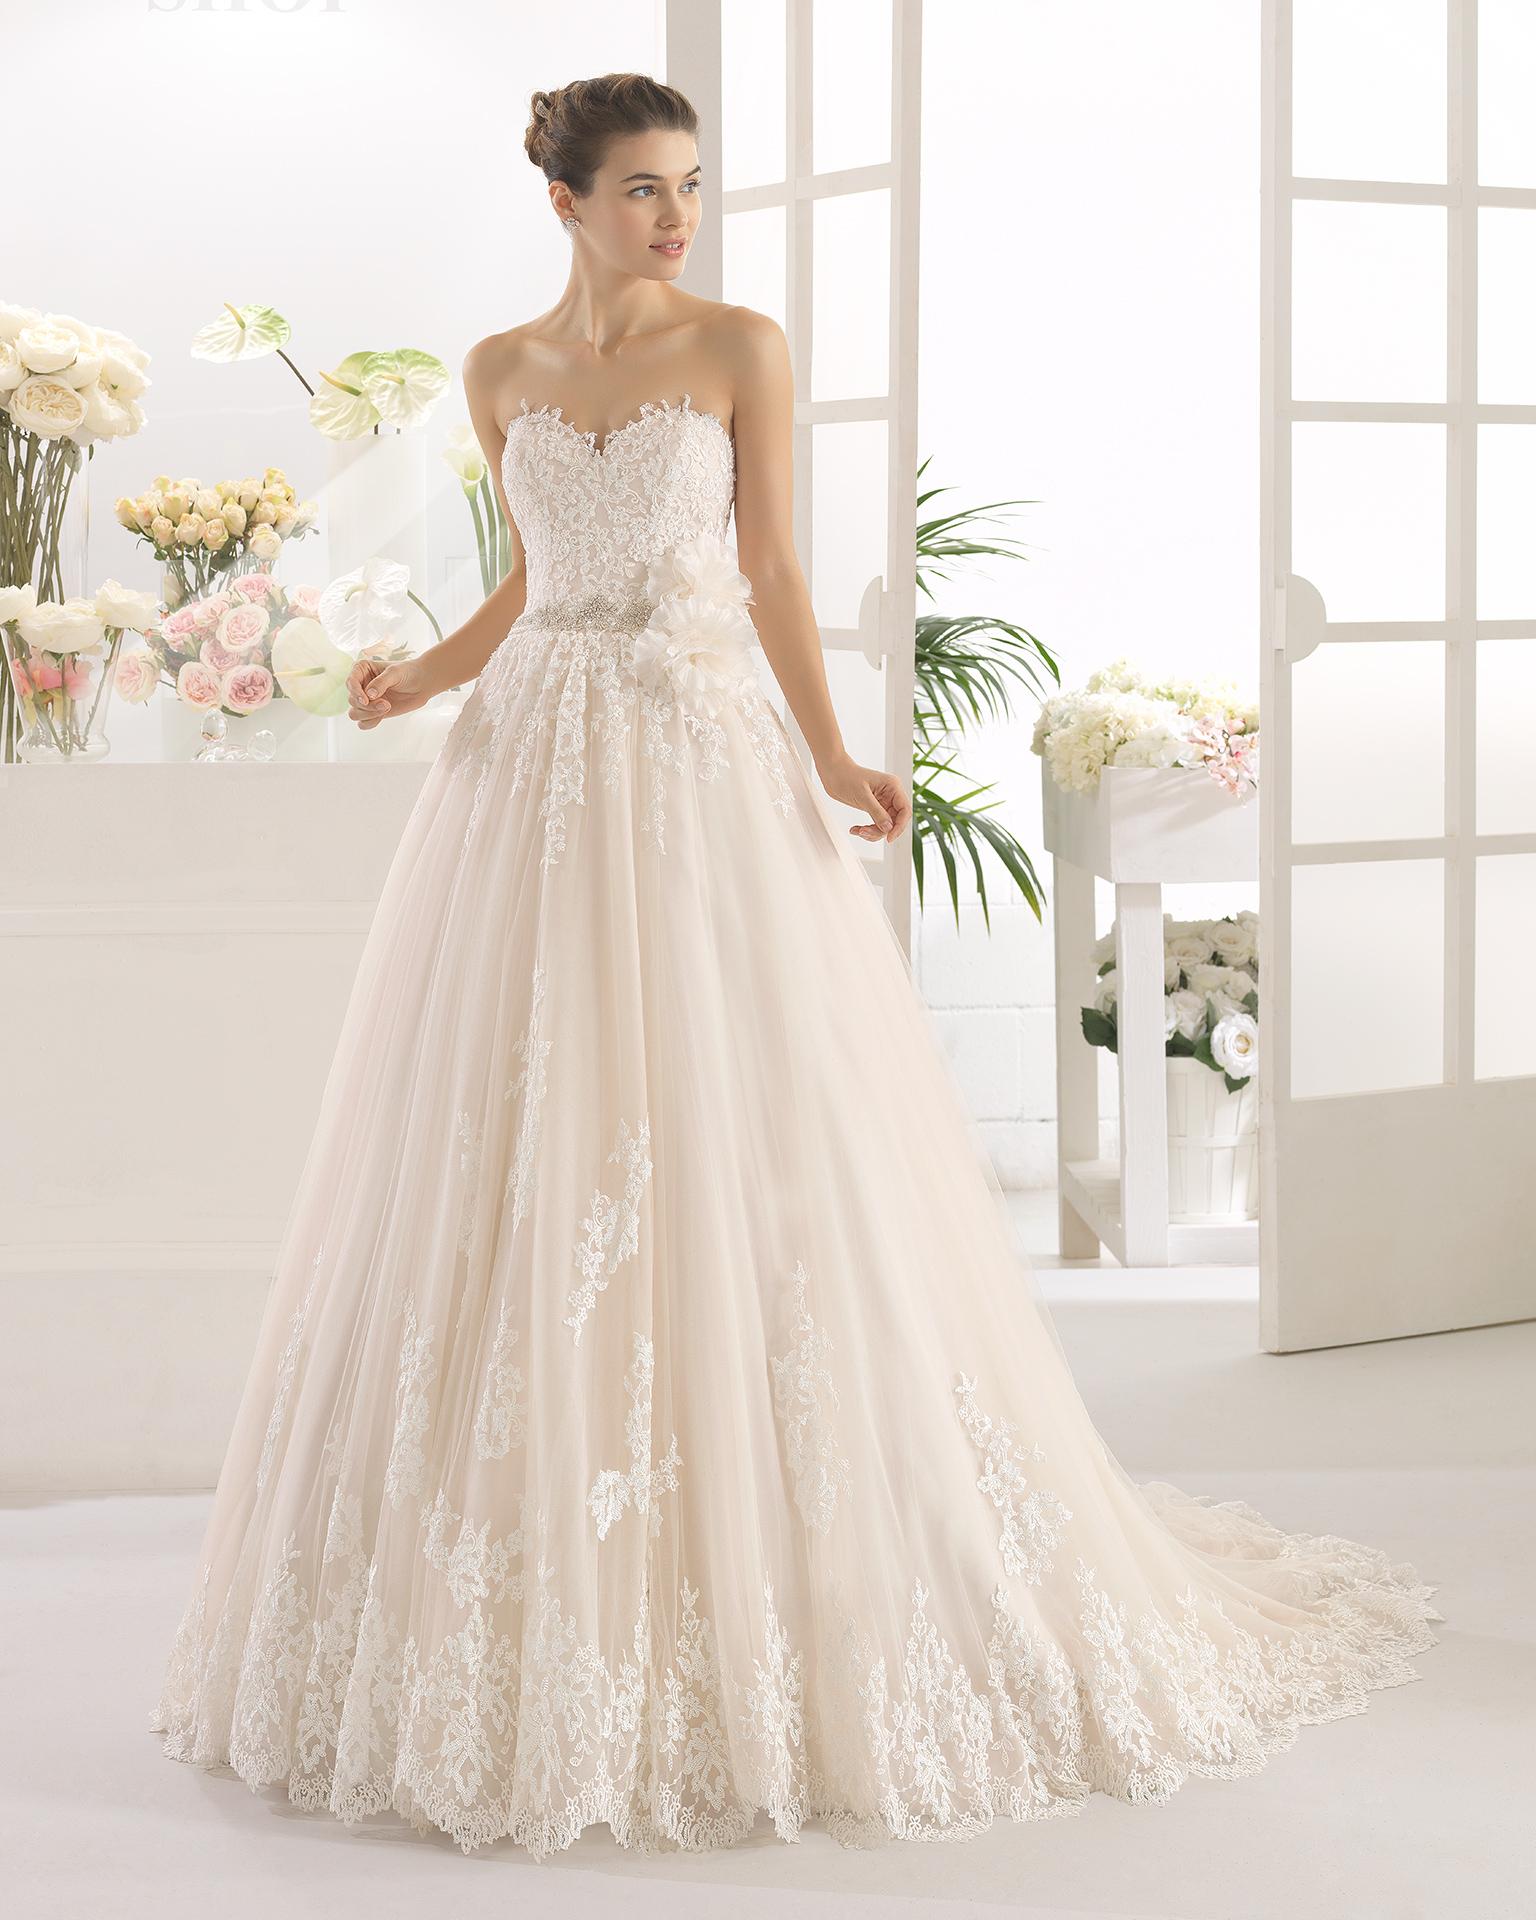 CALON robe de mariée Aire Barcelona 2017